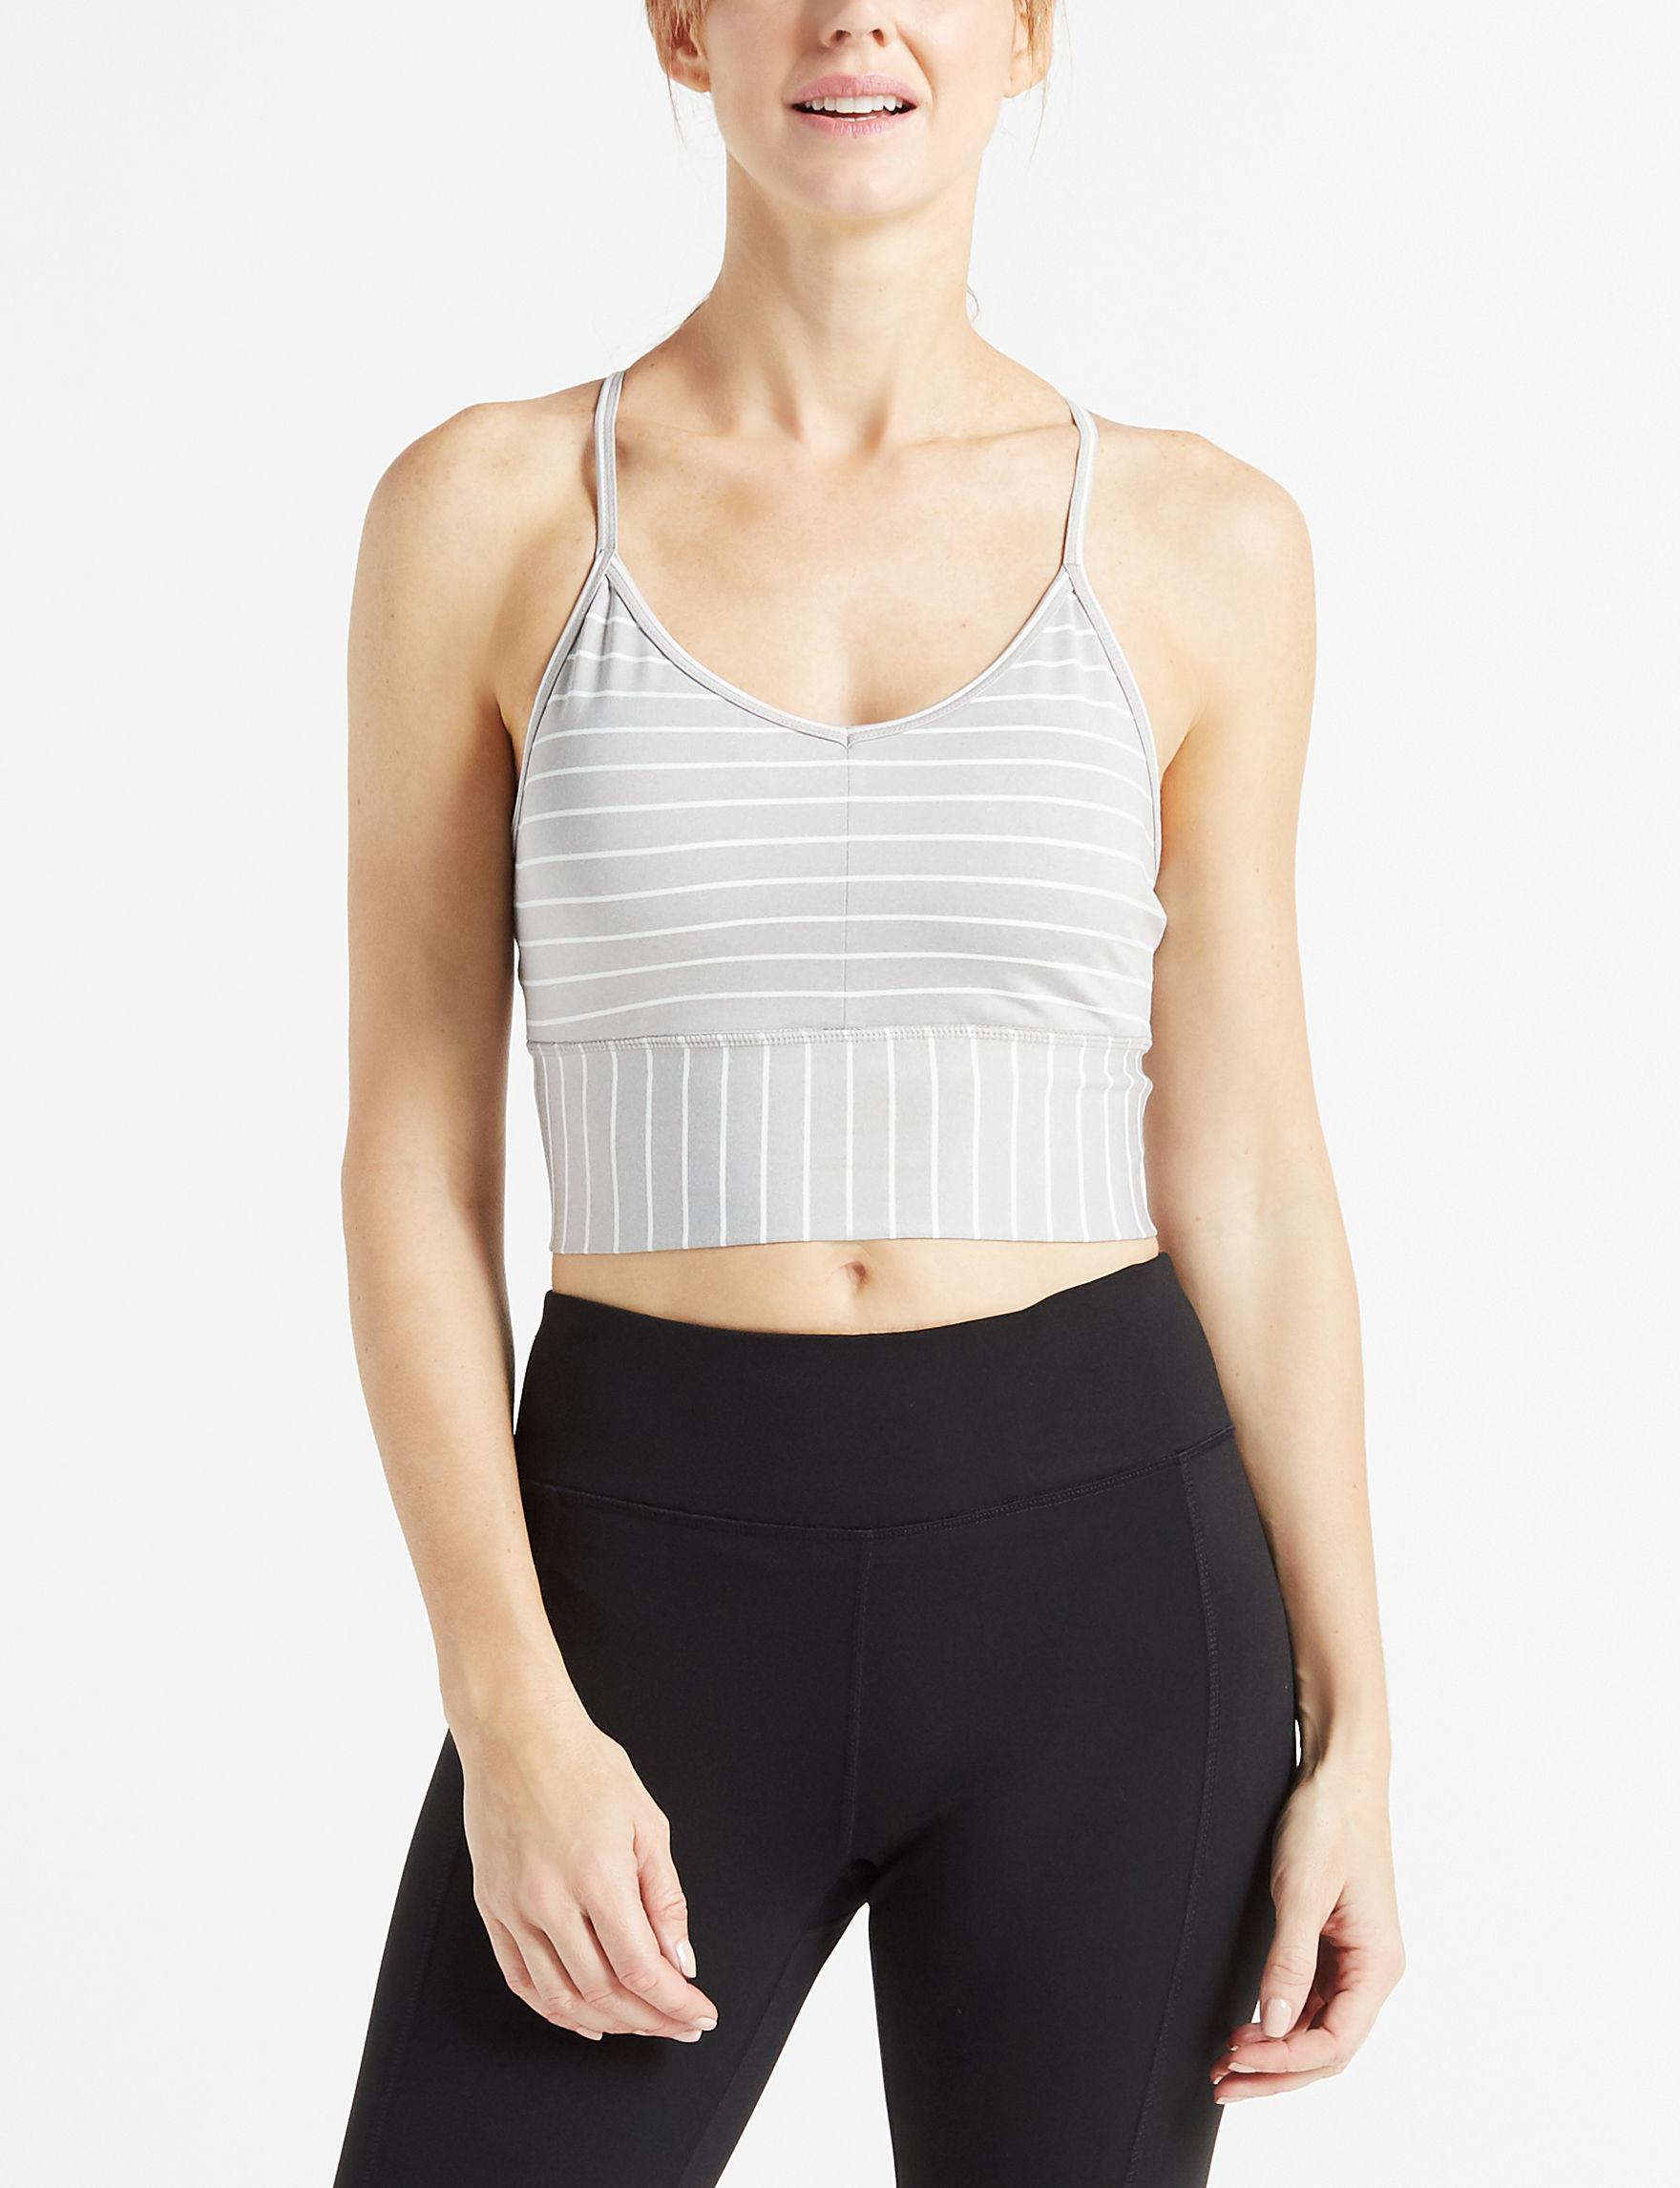 Gaiam Grey / White Active Bras Sports Bra